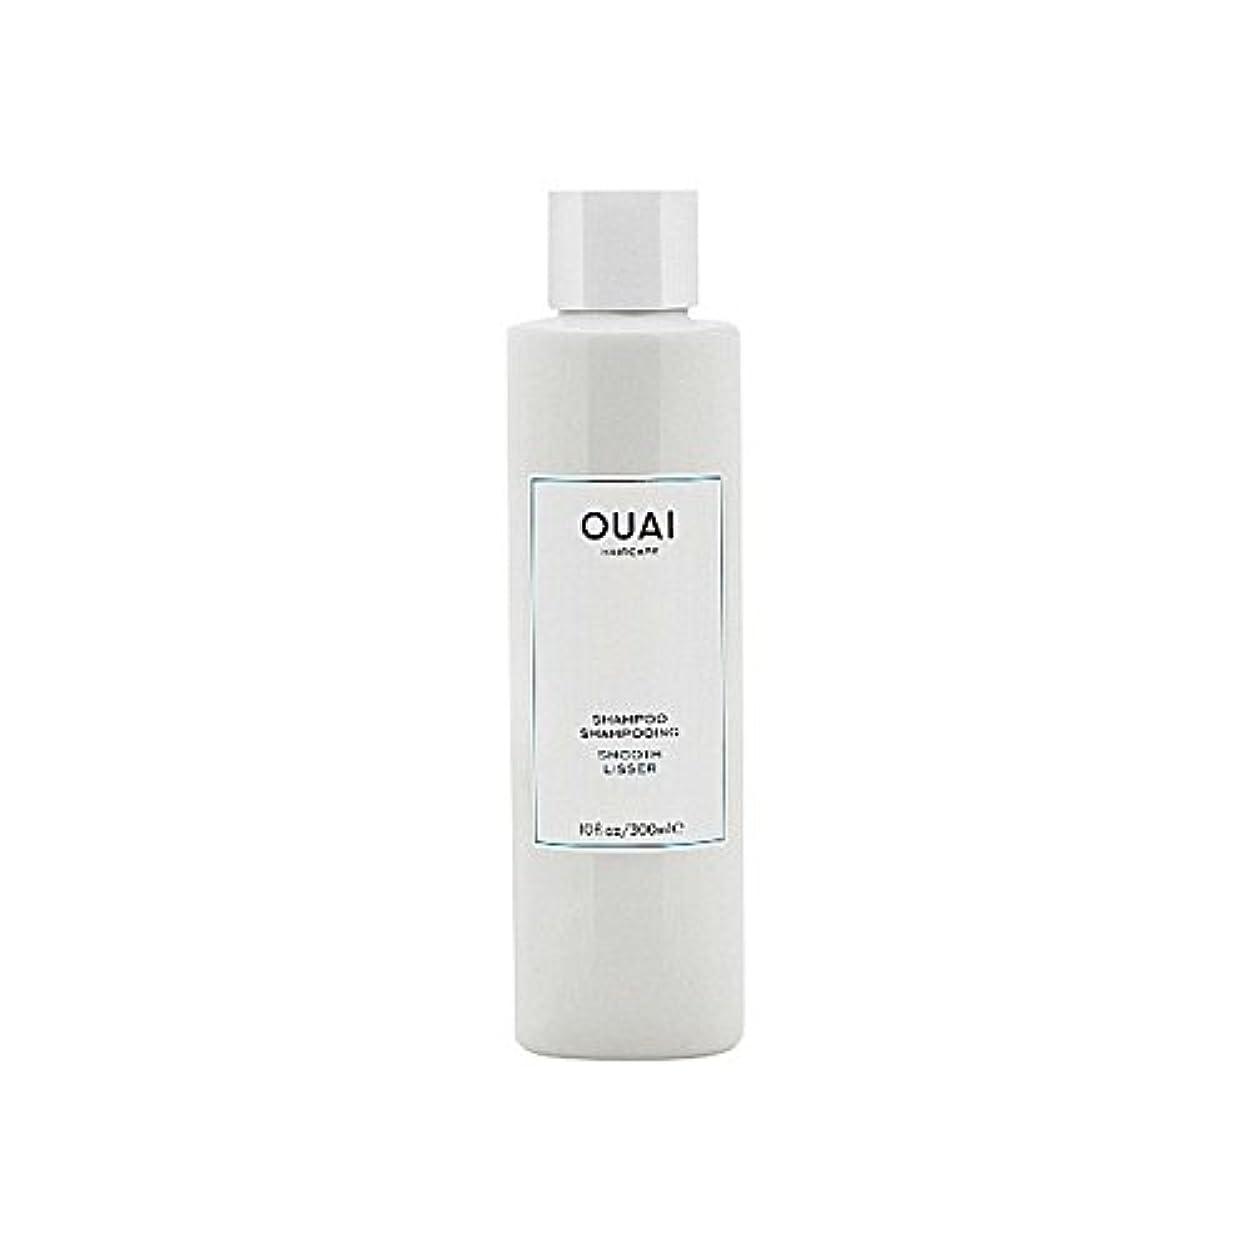 暖かさ傾向がある時間とともにOuai Smooth Shampoo 300ml (Pack of 6) - スムーズなシャンプー300ミリリットル x6 [並行輸入品]